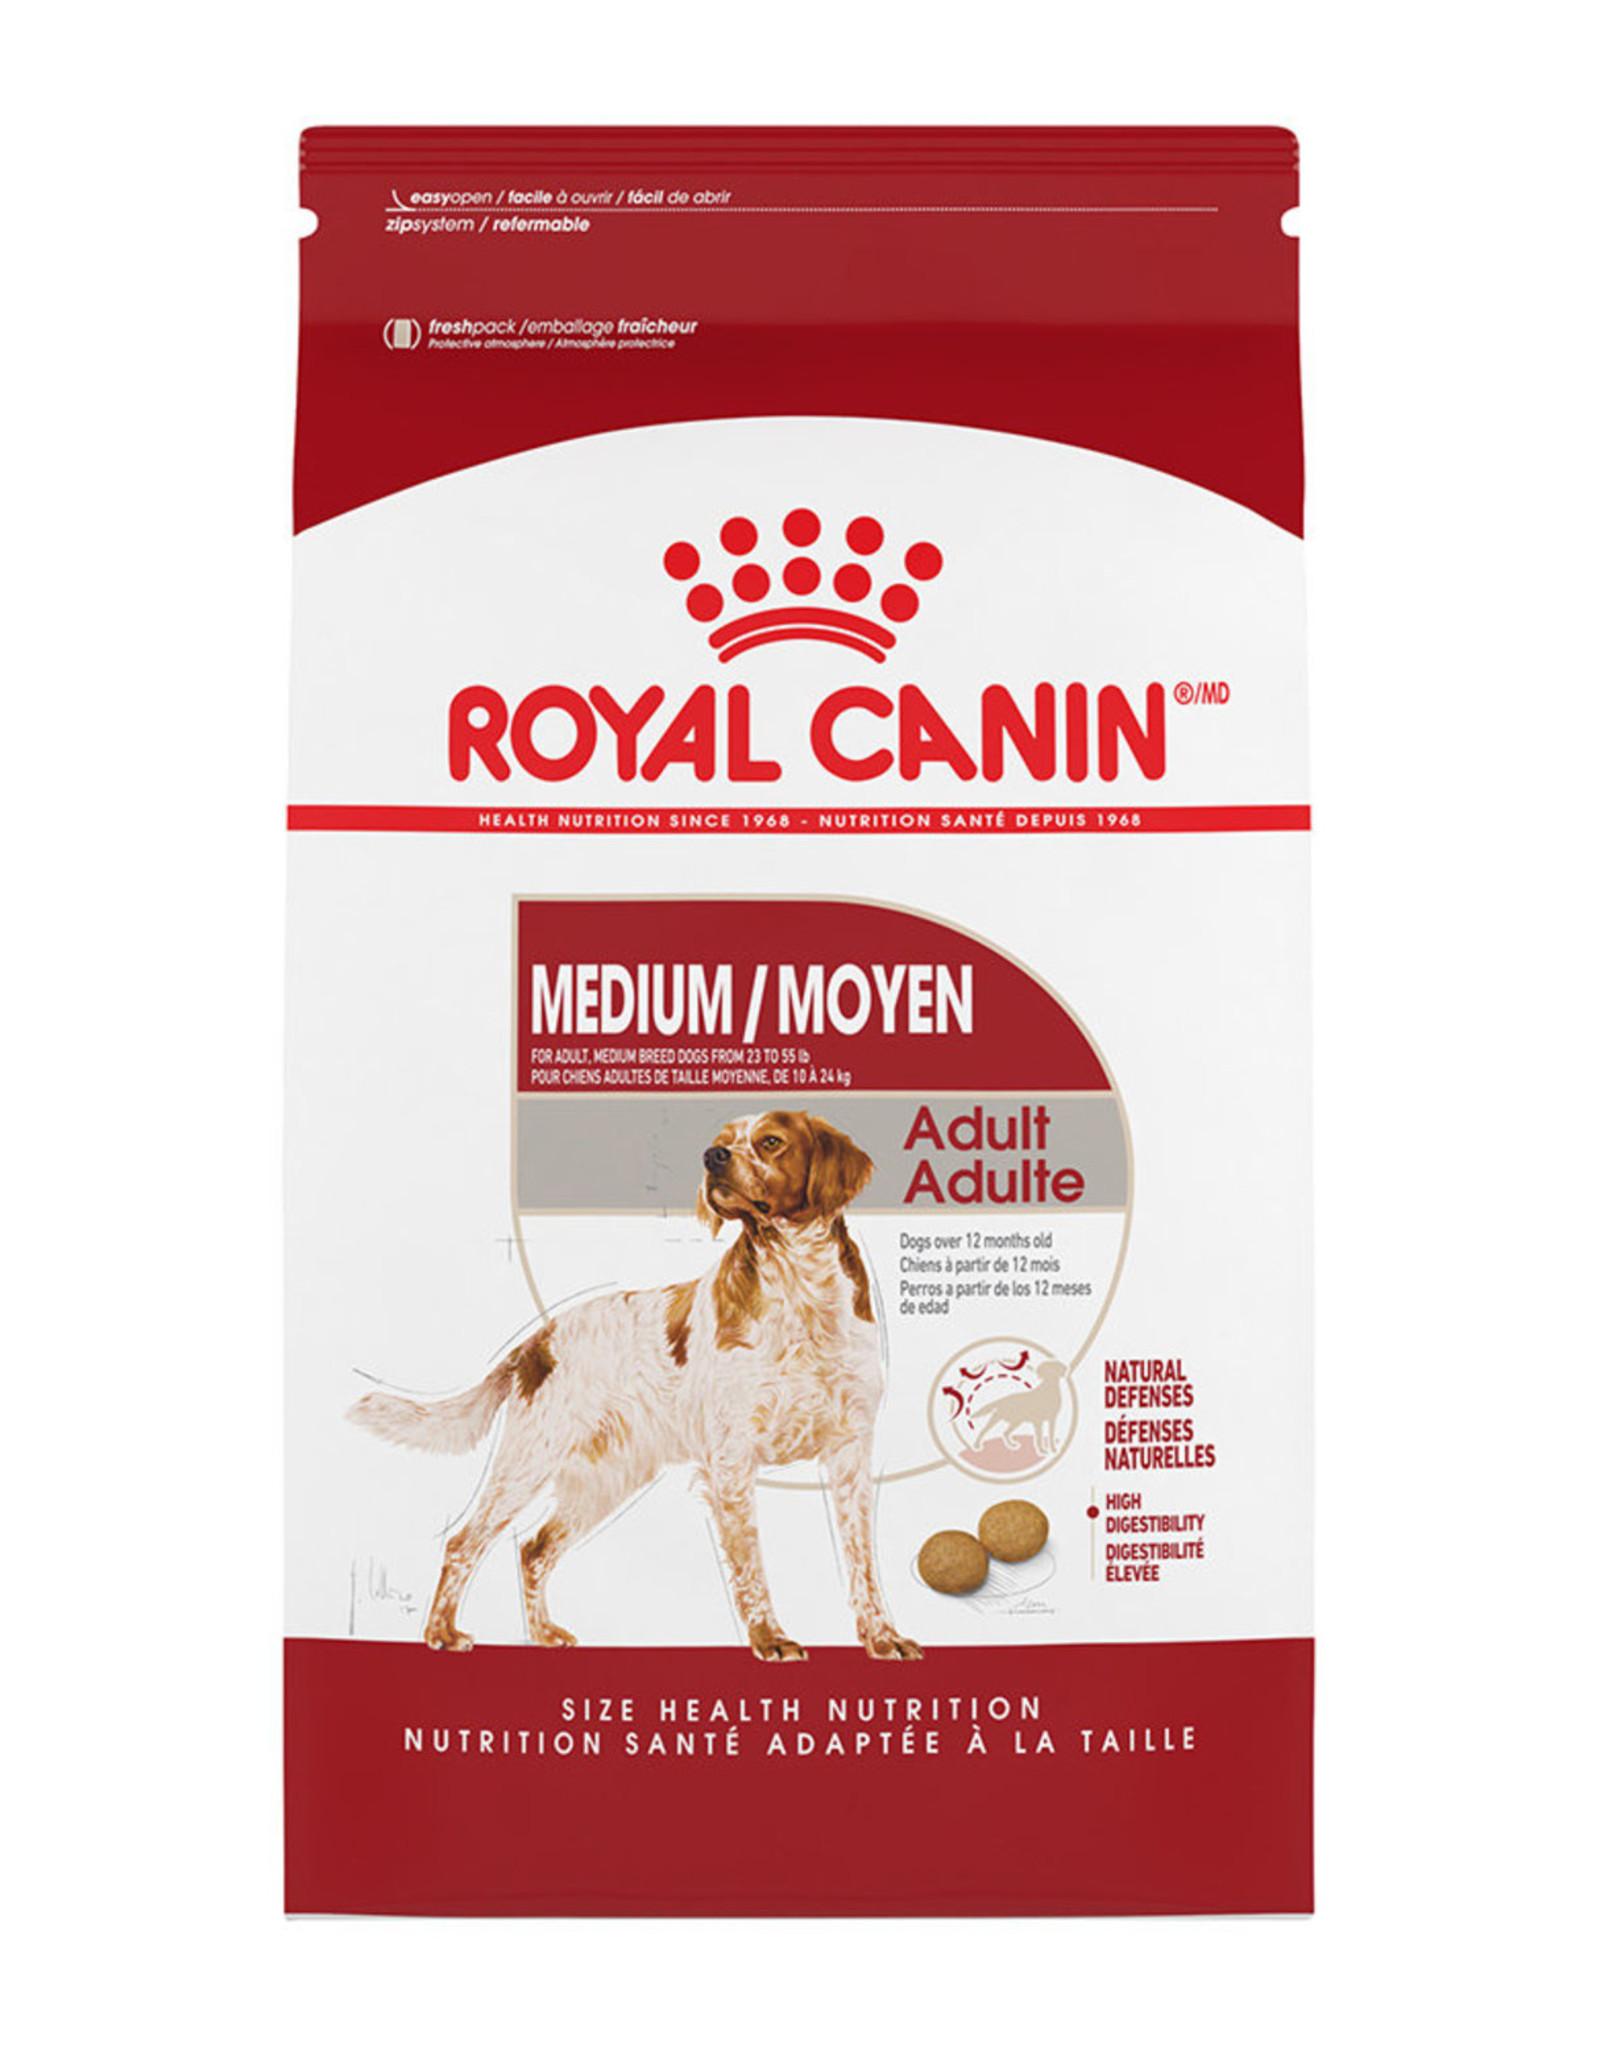 Royal Canin Royal Canin Dog Medium 6lb